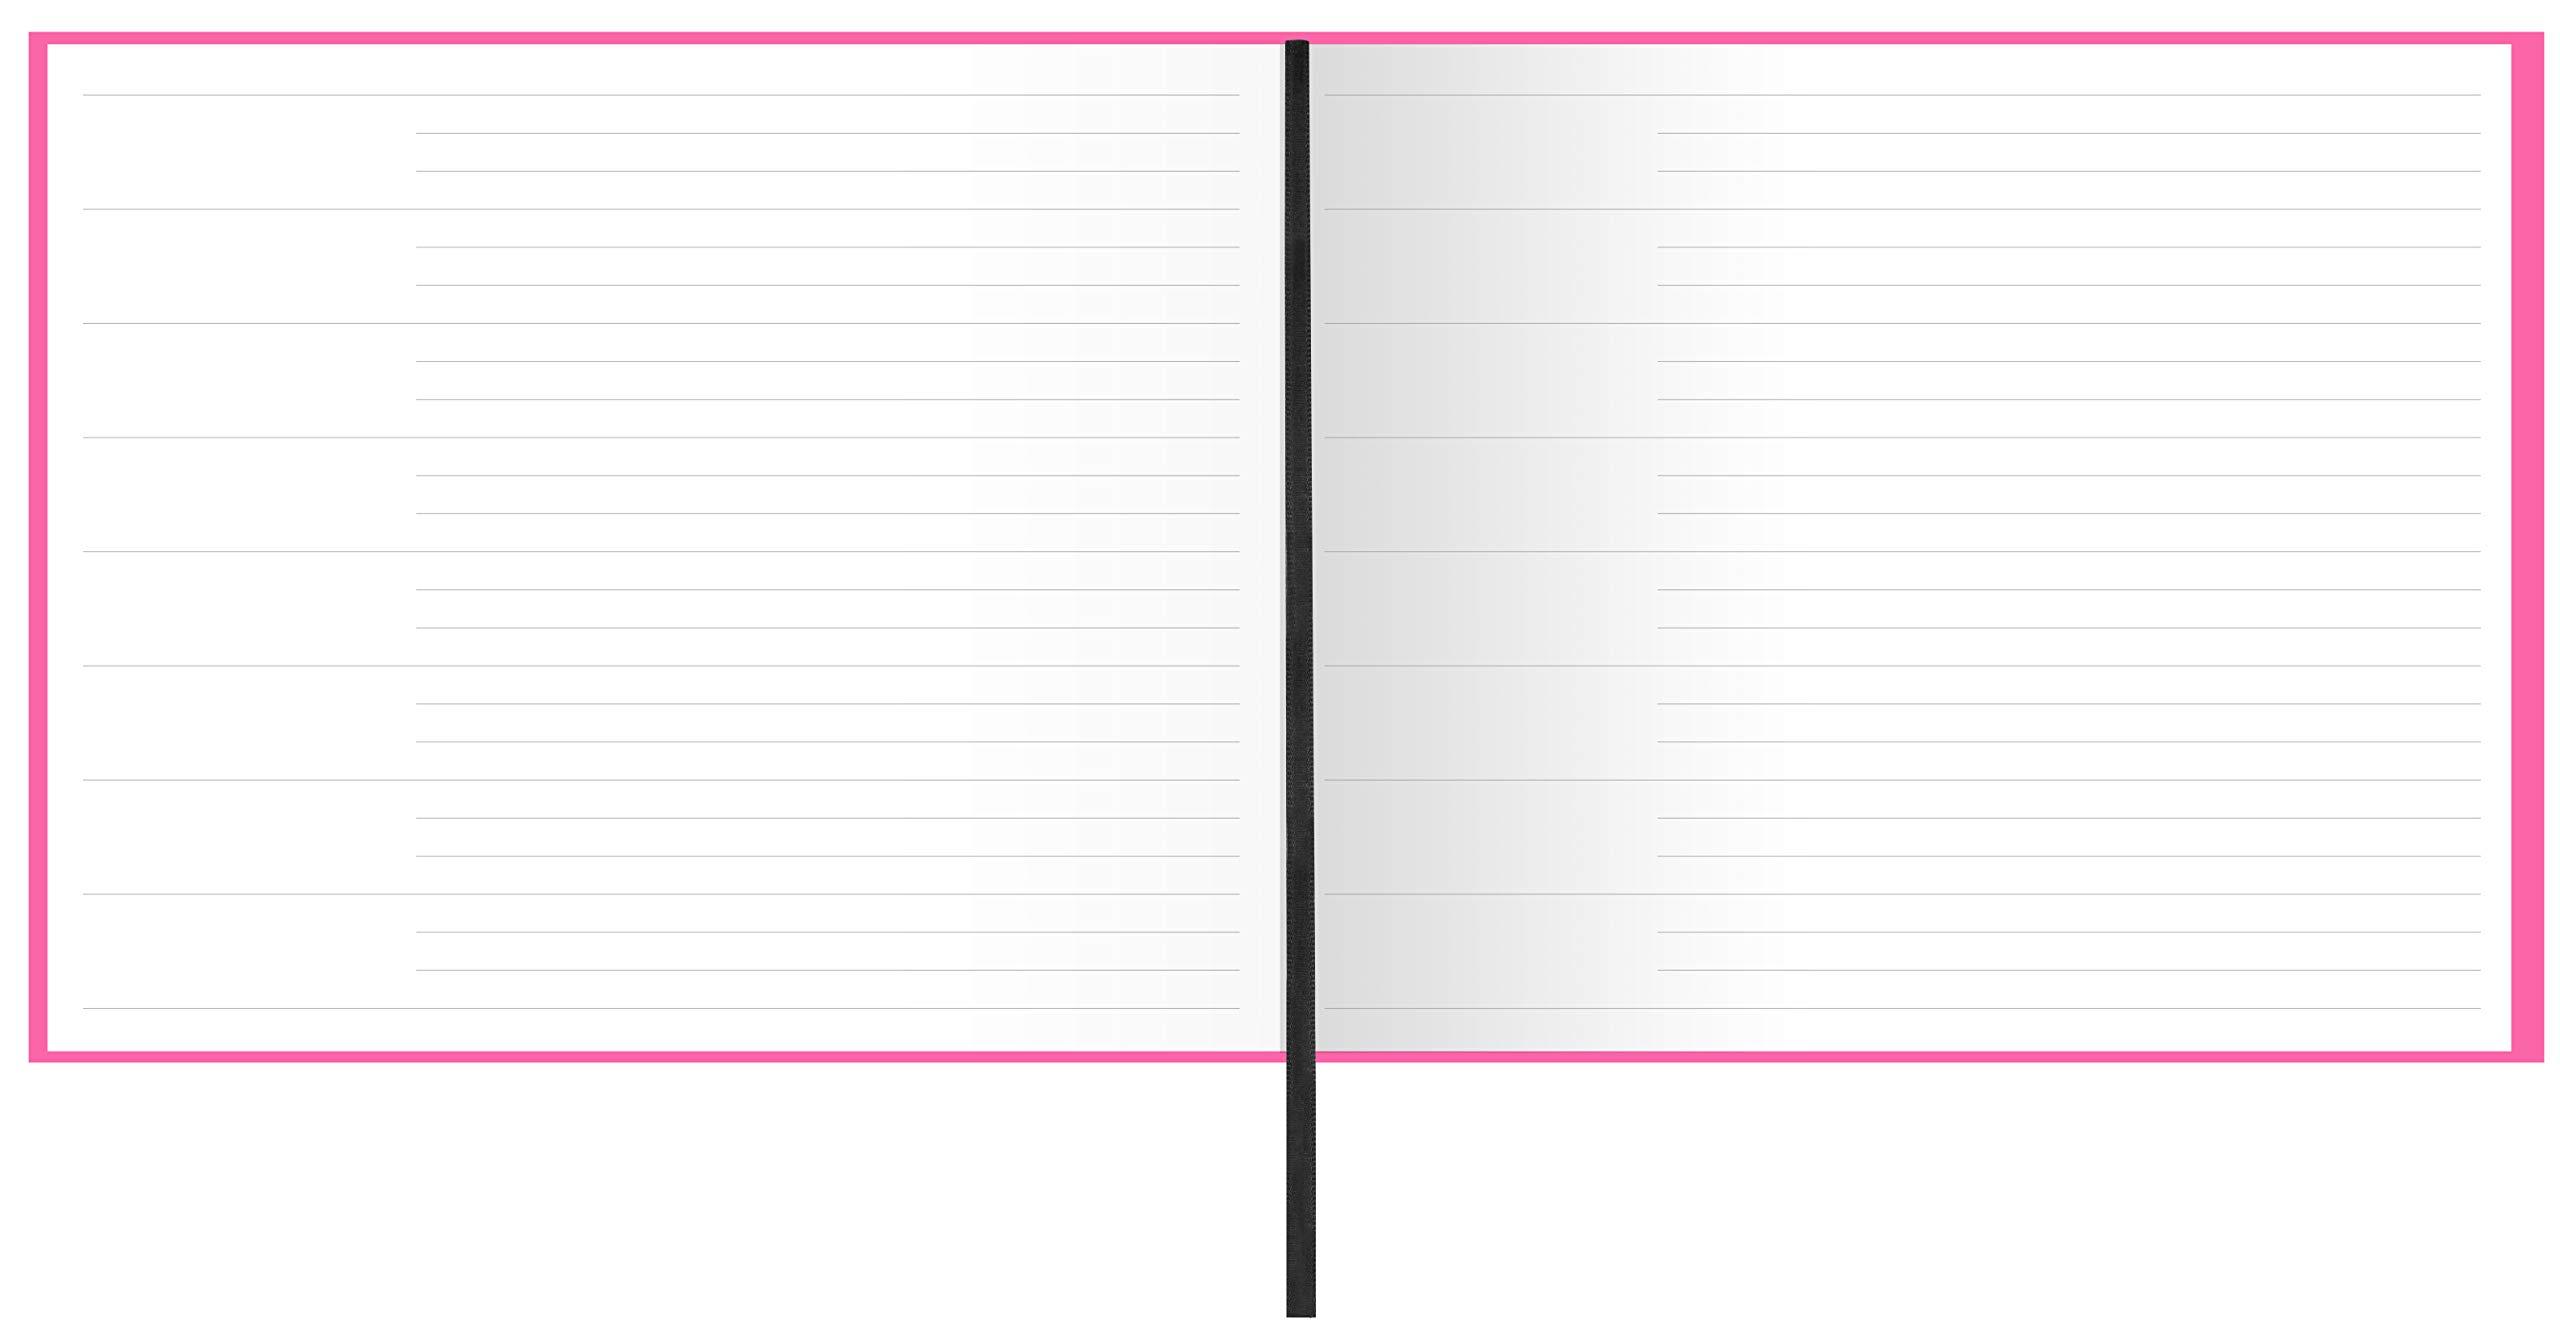 Letts 090015P Dazzle Quarto Landscape Guest Book - Pink by Letts (Image #3)